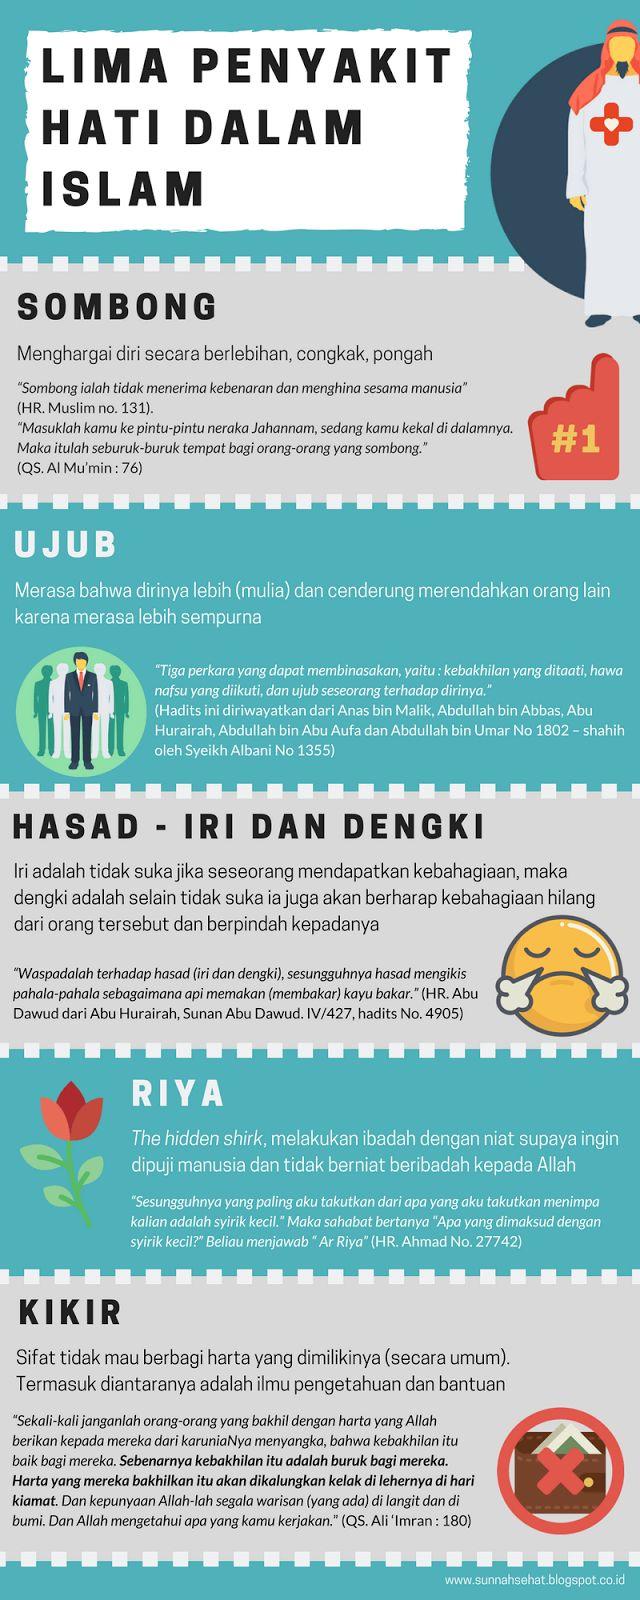 [Infografis] - Penyakit Hati dalam Islam